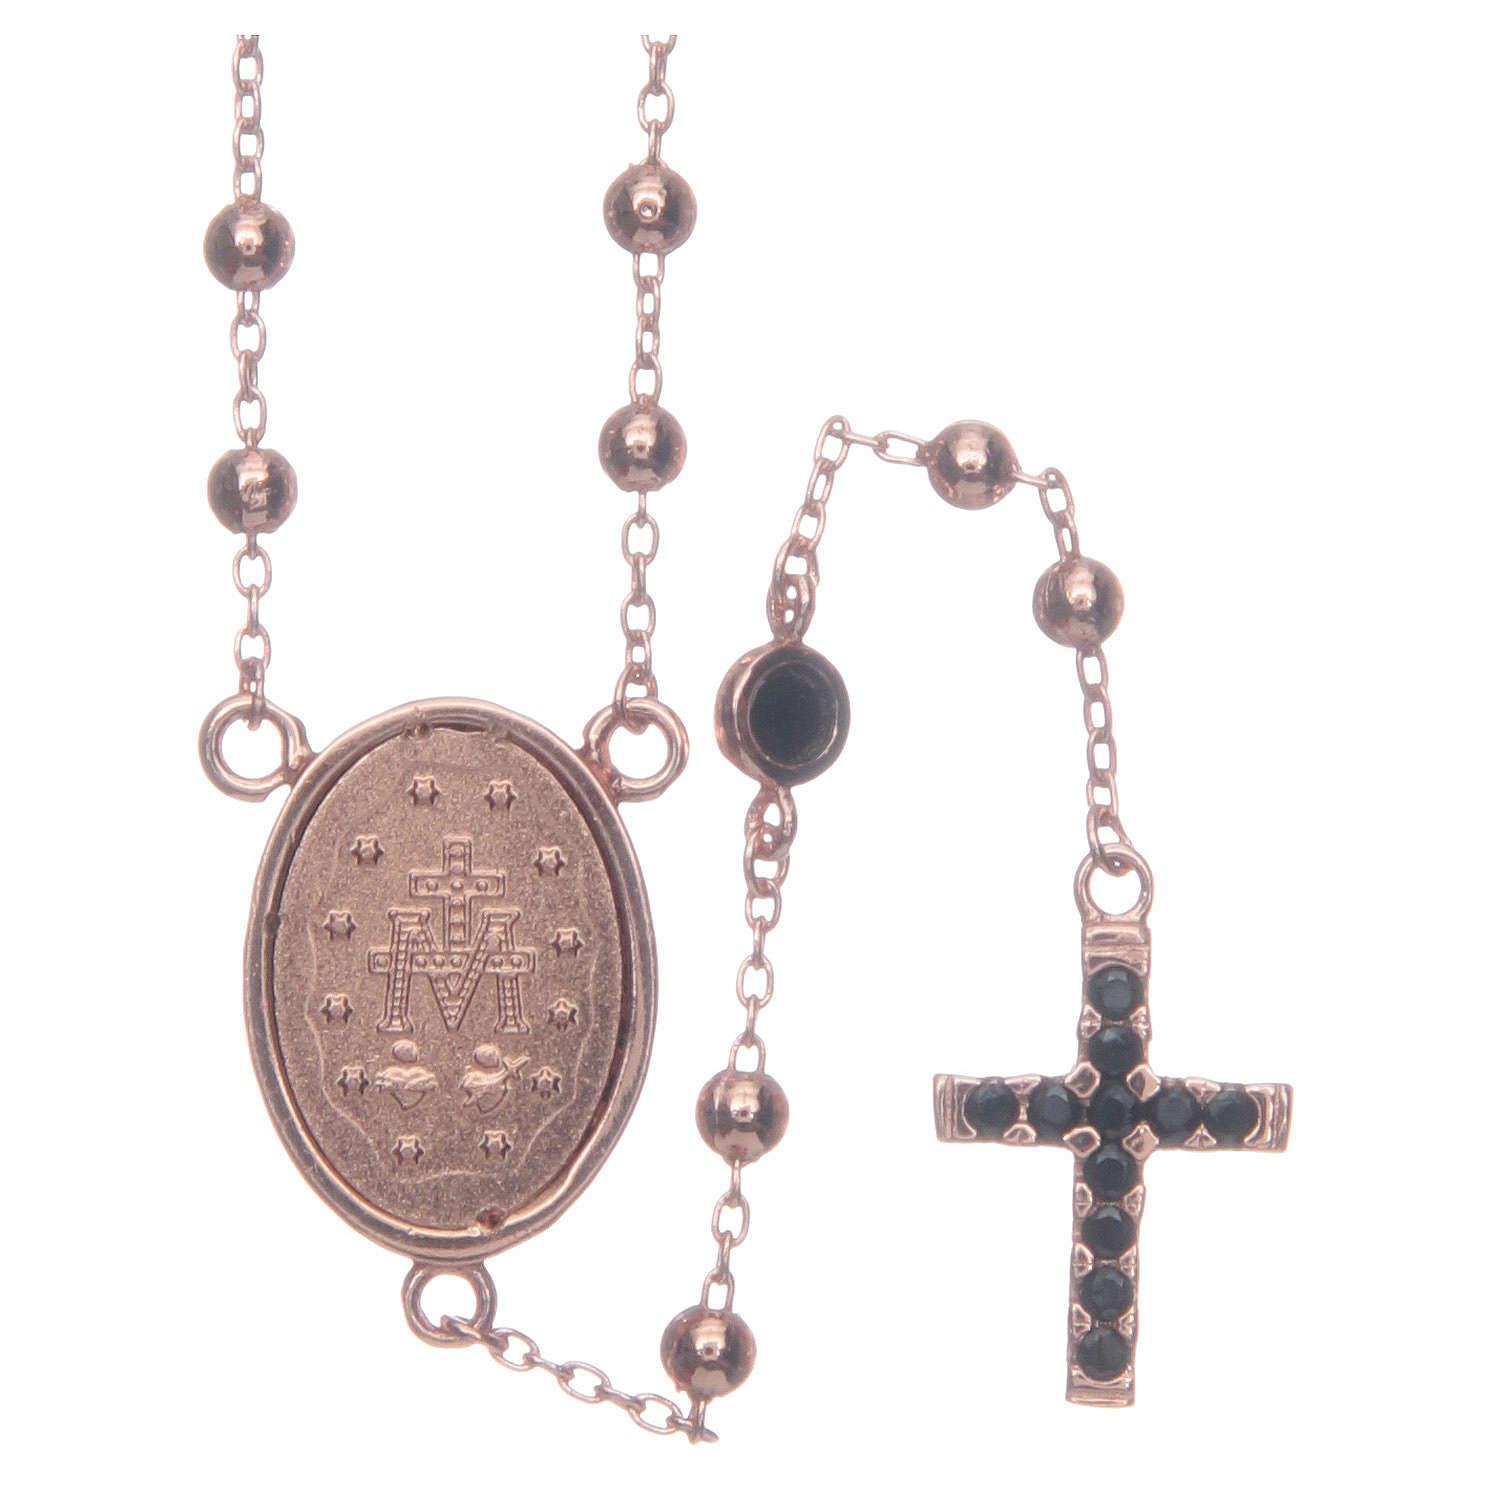 Rosario classico rosé zirconi neri argento 925 4